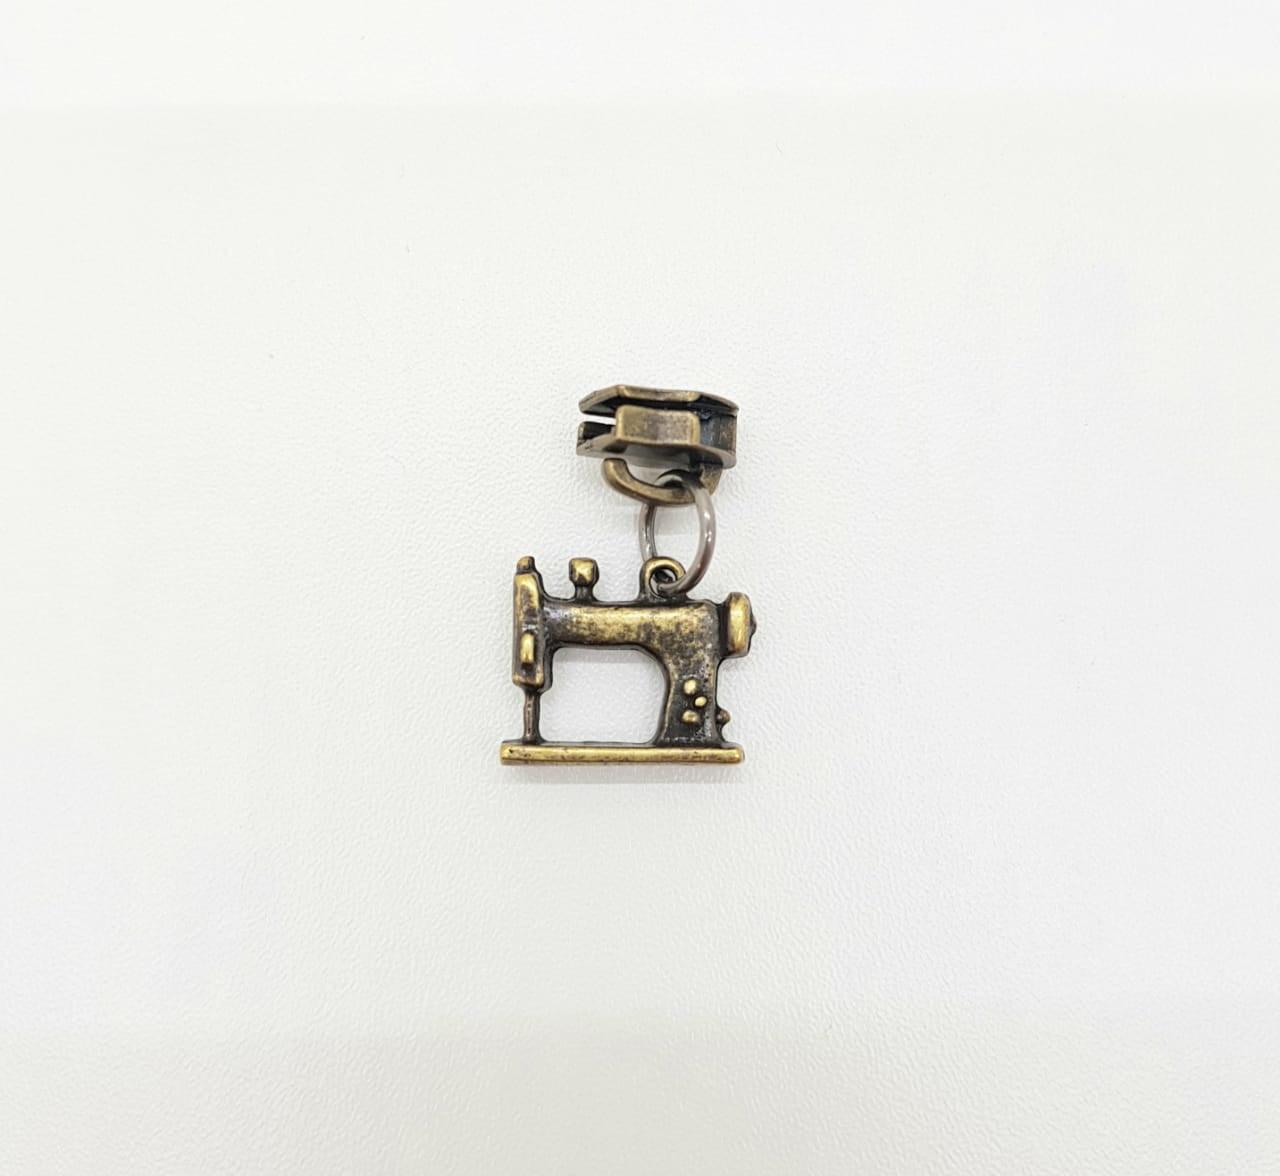 Cursor de Zíper 5mm / Máquina de Costura - Ouro Velho (4 unidades)